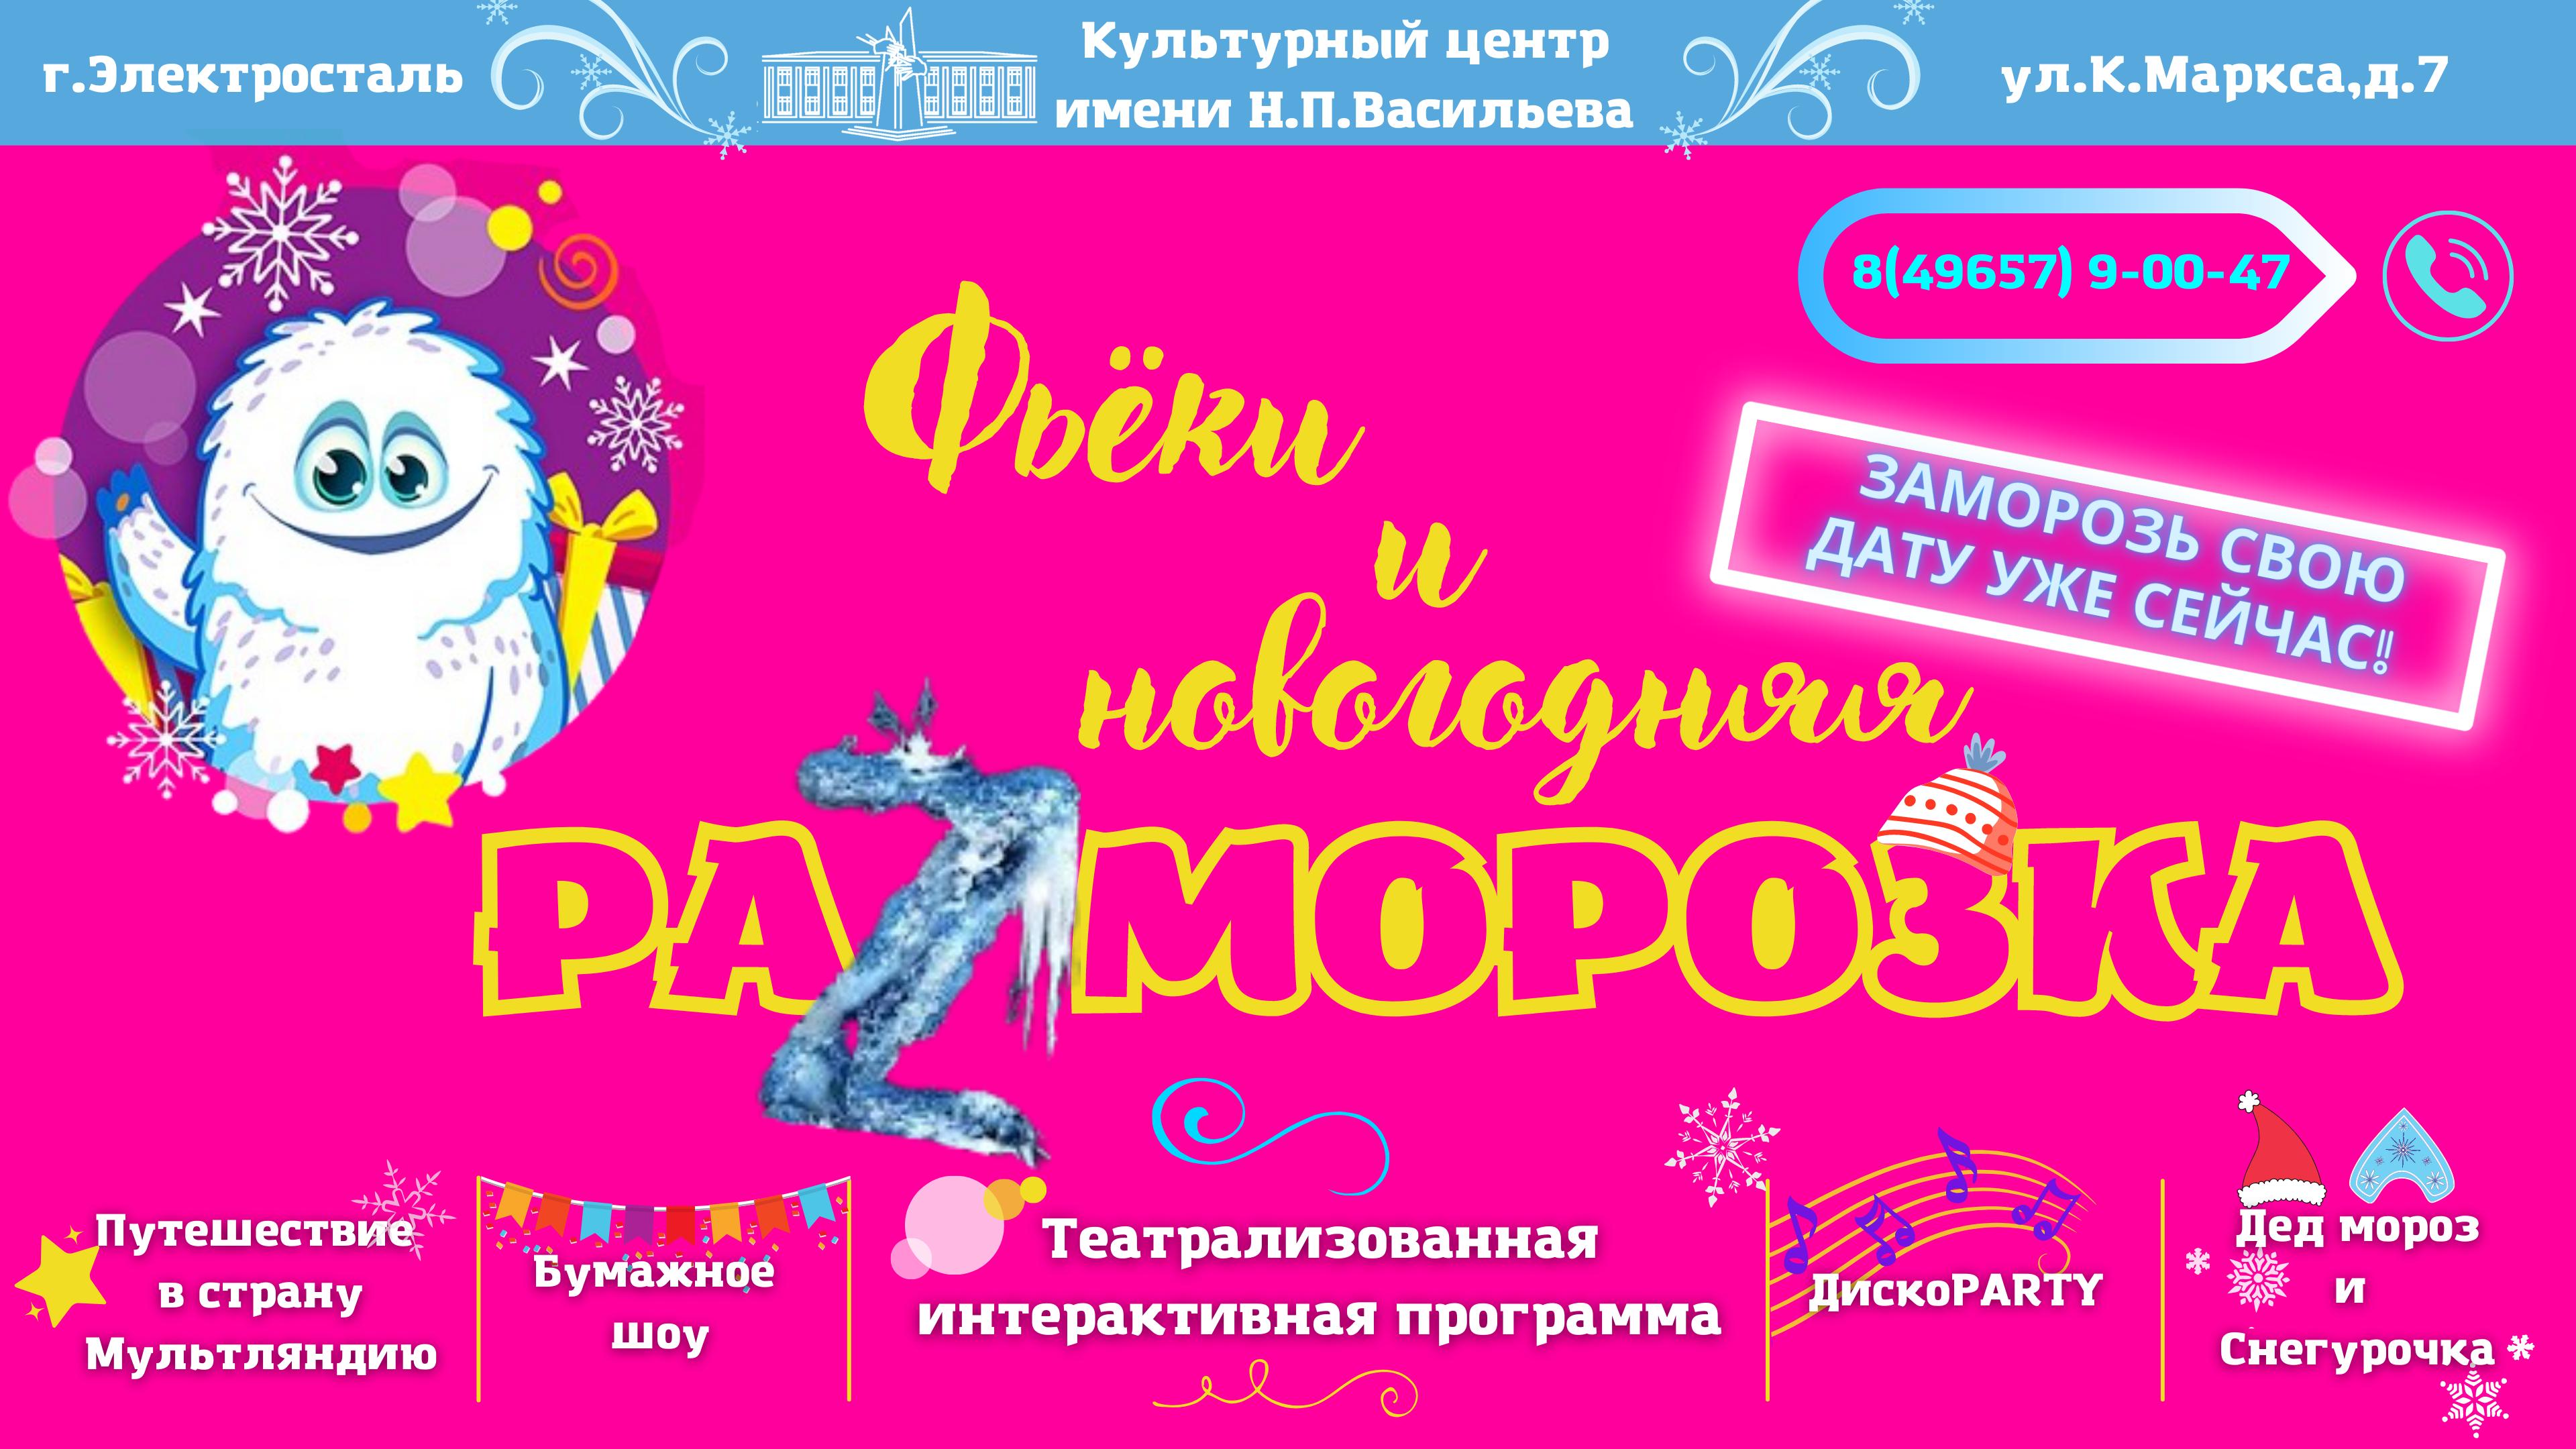 Фьёки и новогодняя раZморозка, г. Электросталь, КЦ имени Н.П.Васильева